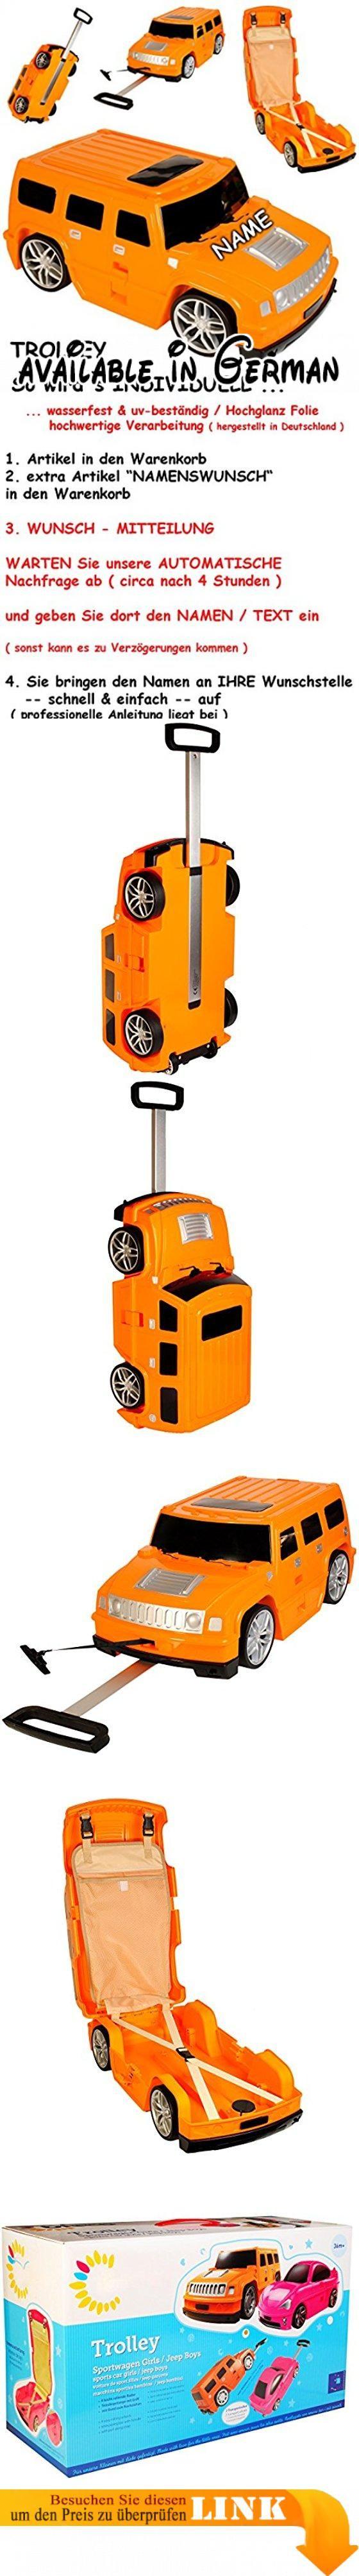 """3 in 1: großer _ Kinder - Trolley + Sitz -Koffer - """" Auto - Jeep / Truck - orange """" - incl. Name - Sitzkoffer zum Ziehen + Schieben / Sitzen & Spielen - Jungen - Trolly mit 6 Rollen - aus Kunststoff / Plastik - wasserabweisend & beschichtet - Koffertrolley / Kindertrolley Kindertrolly - Case - groß XL - Reiseset / Kinderkoffer - Koffer - Kindergepäck - Reisetrolley / Gepäck - Handgepäck - Reisekoffer - Reisetrolly - Autos Sportwagen / Rennwagen - Tasche / Kindertasche"""